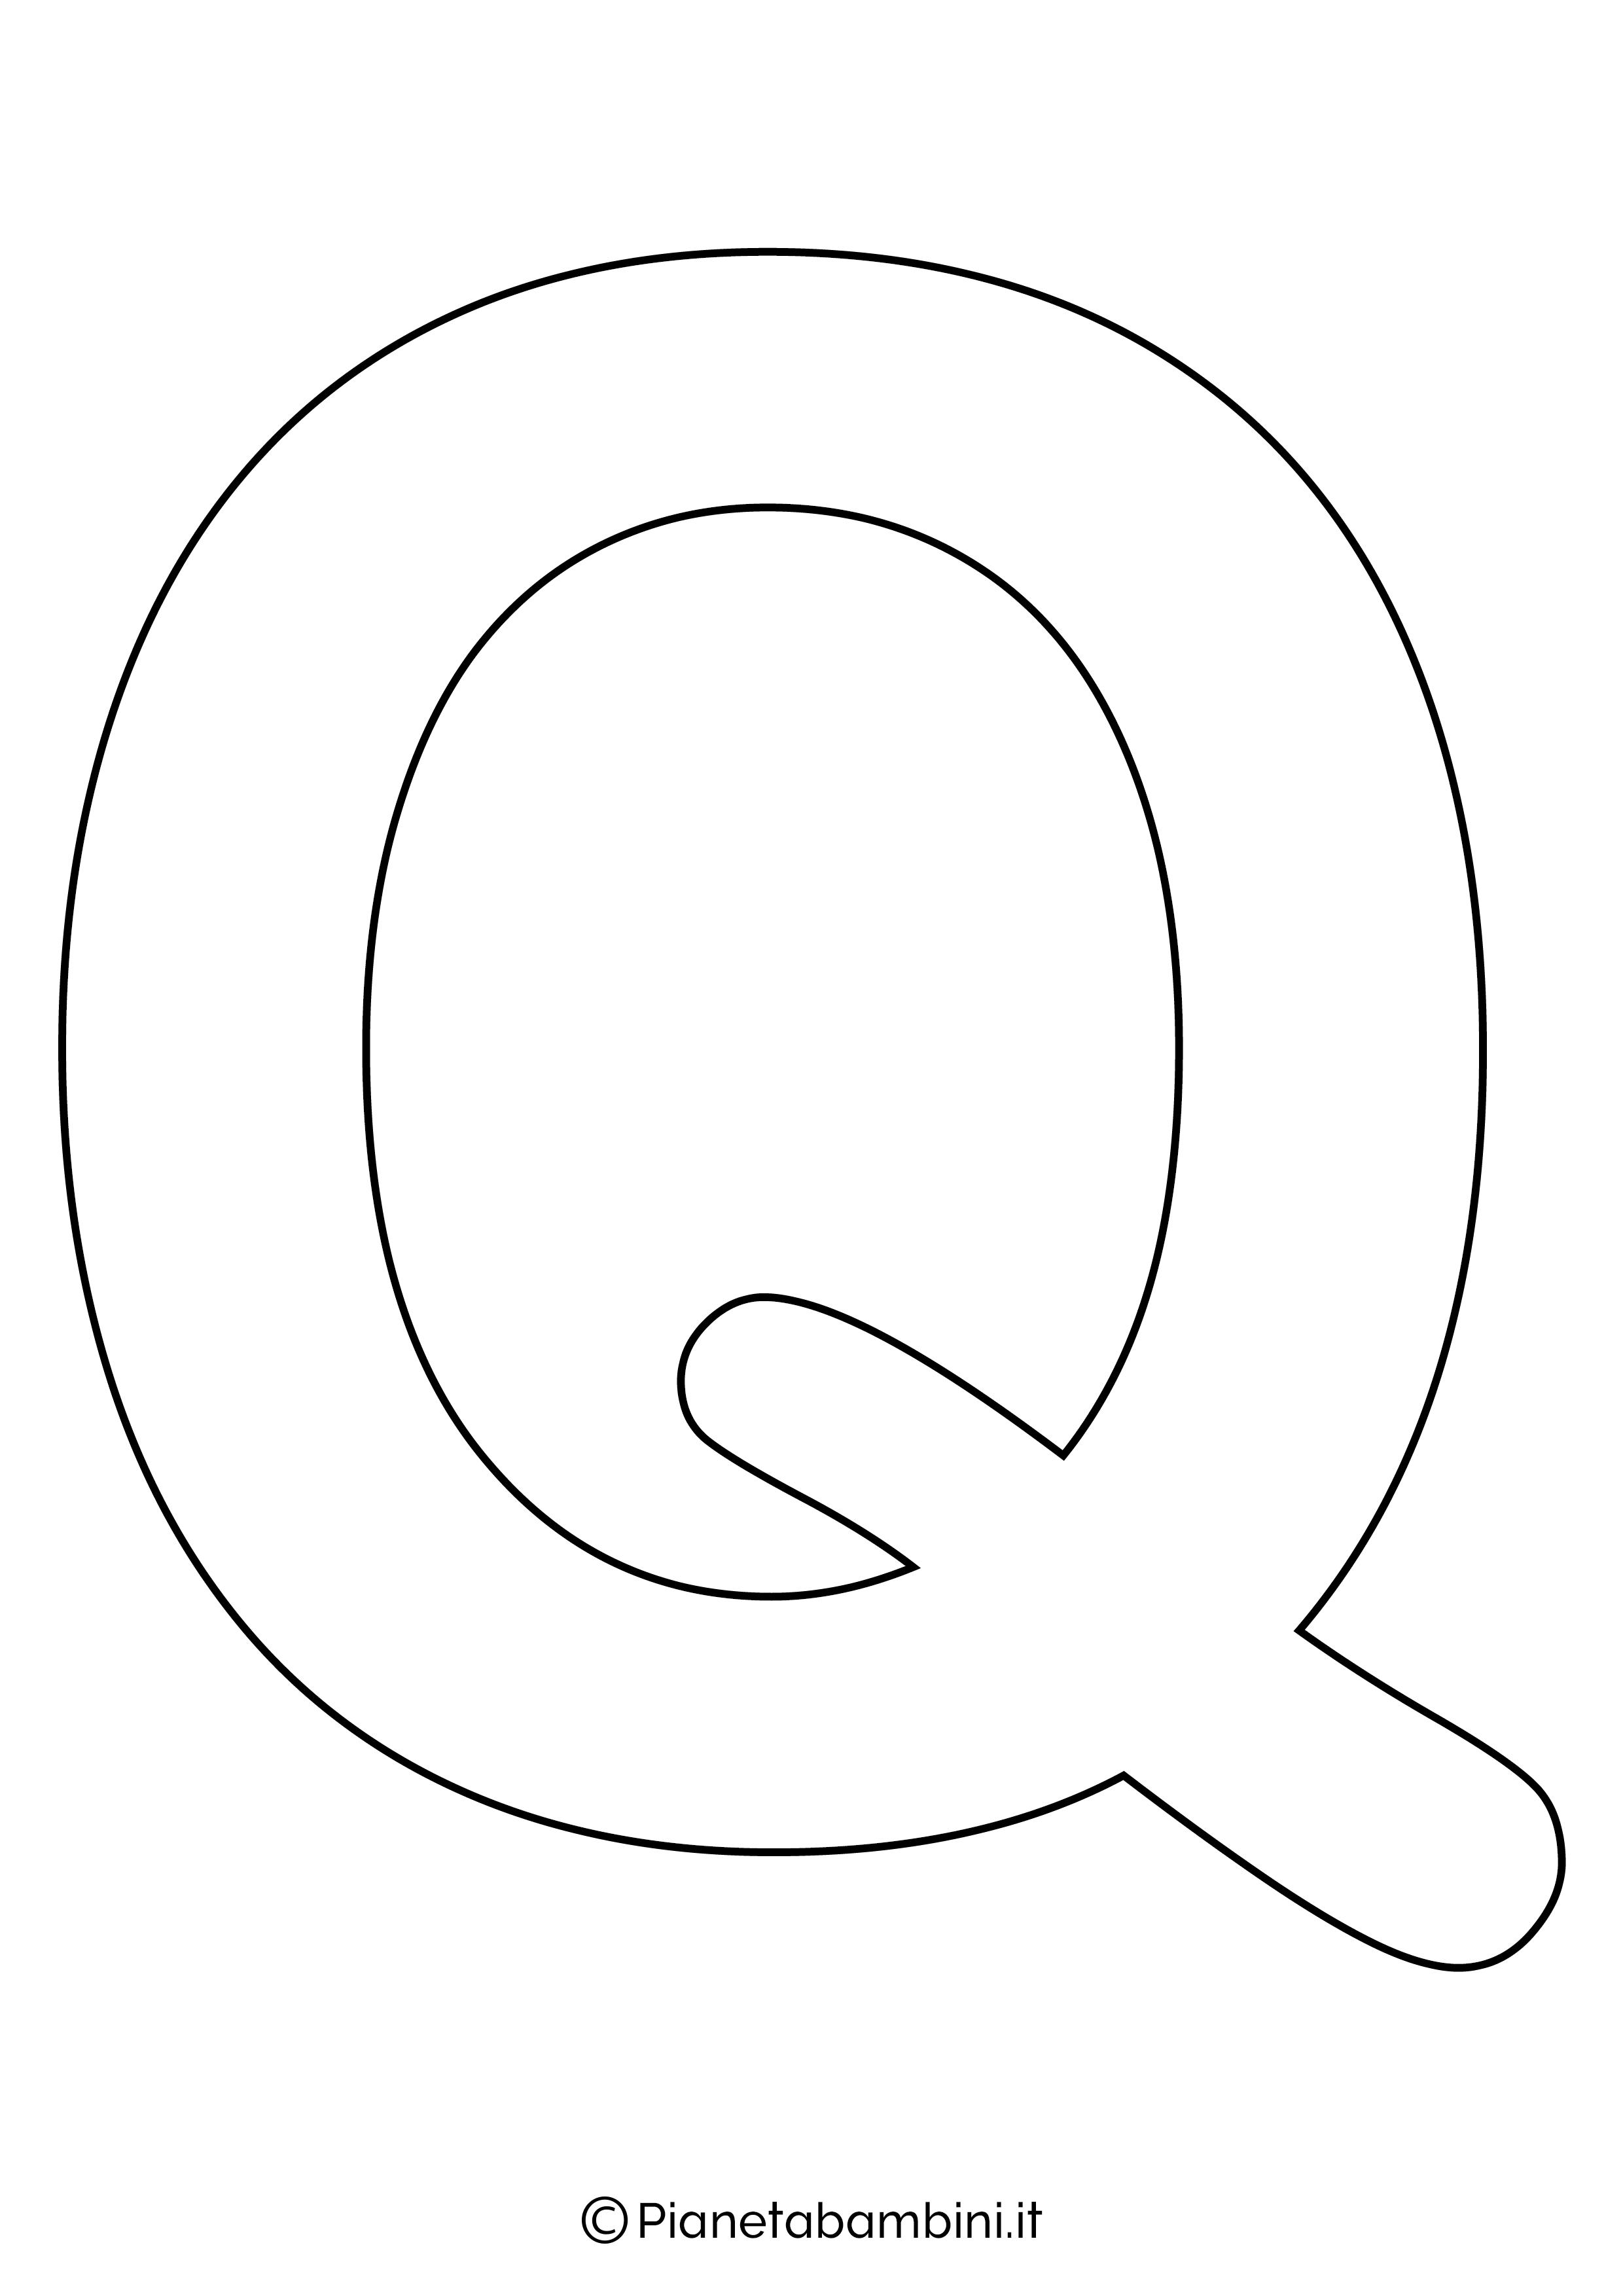 Lettera Q maiuscola da stampare